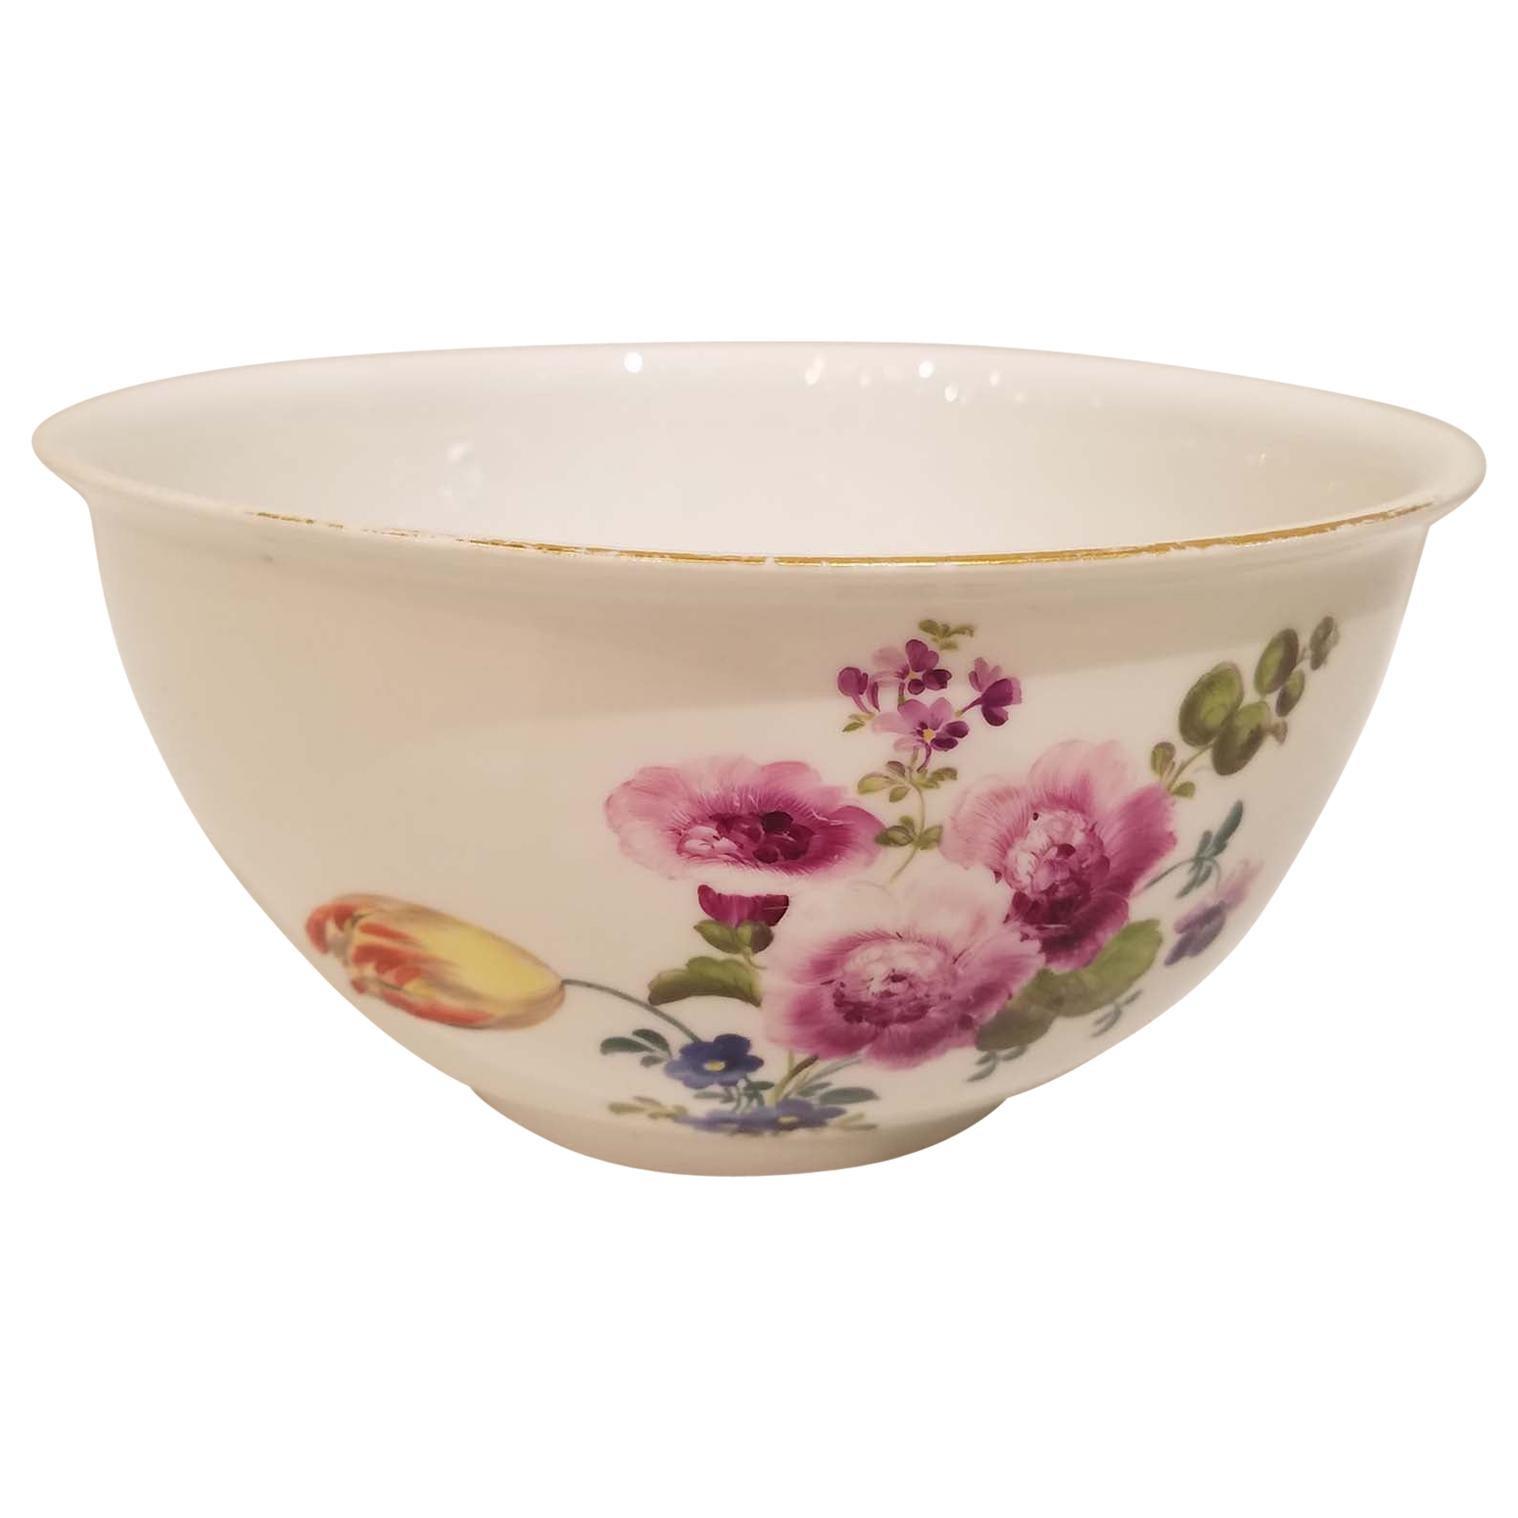 18th Century Meissen Porcelain Bowl